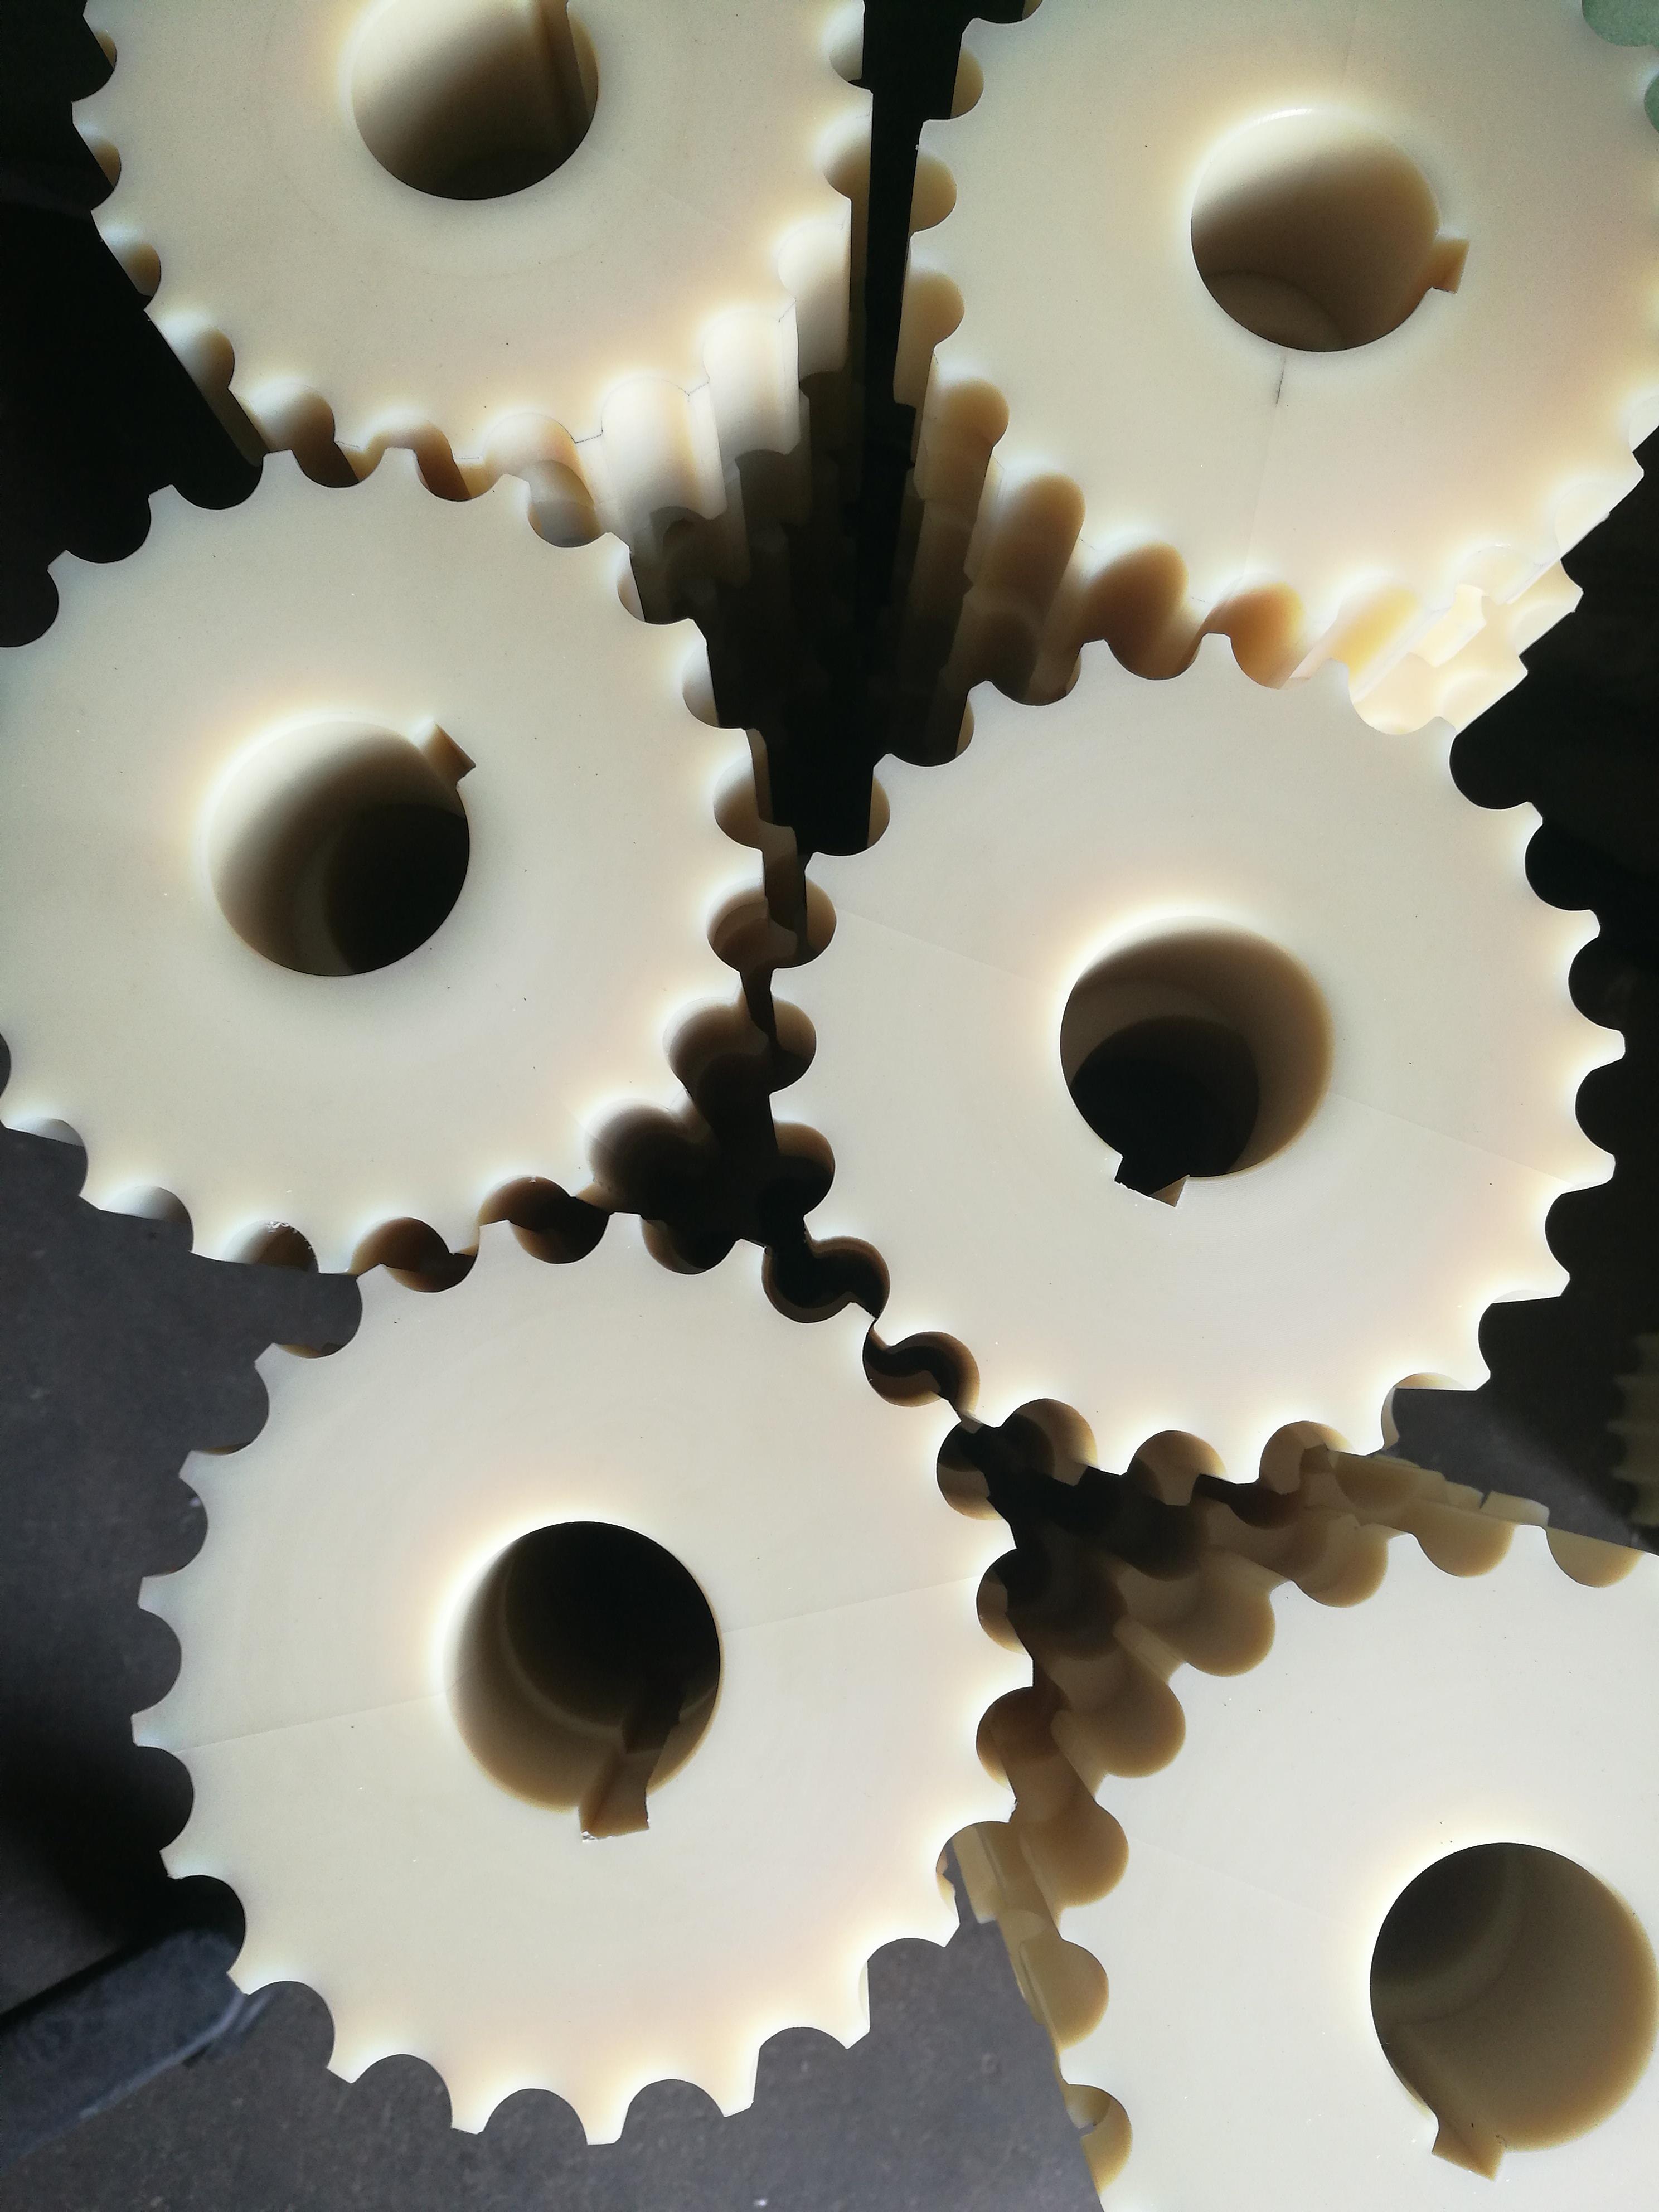 云南专业生产定制尼龙齿轮价格厂家 尼龙齿轮价格尼龙齿轮报价 尼龙齿轮供应商 螺旋推瓶器厂家直销 尼龙齿轮